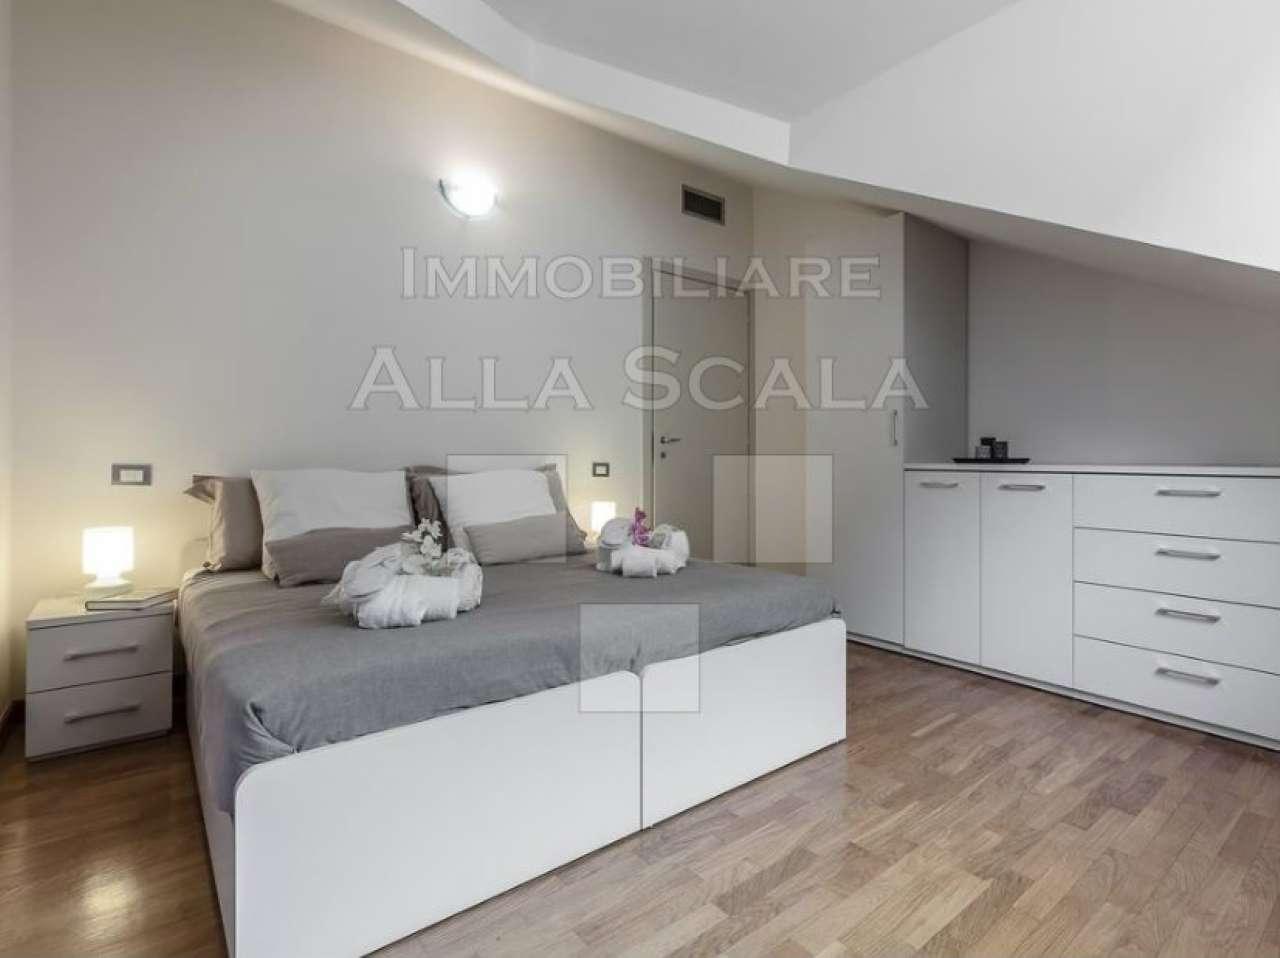 Attico in Vendita a Milano: 4 locali, 130 mq - Foto 3